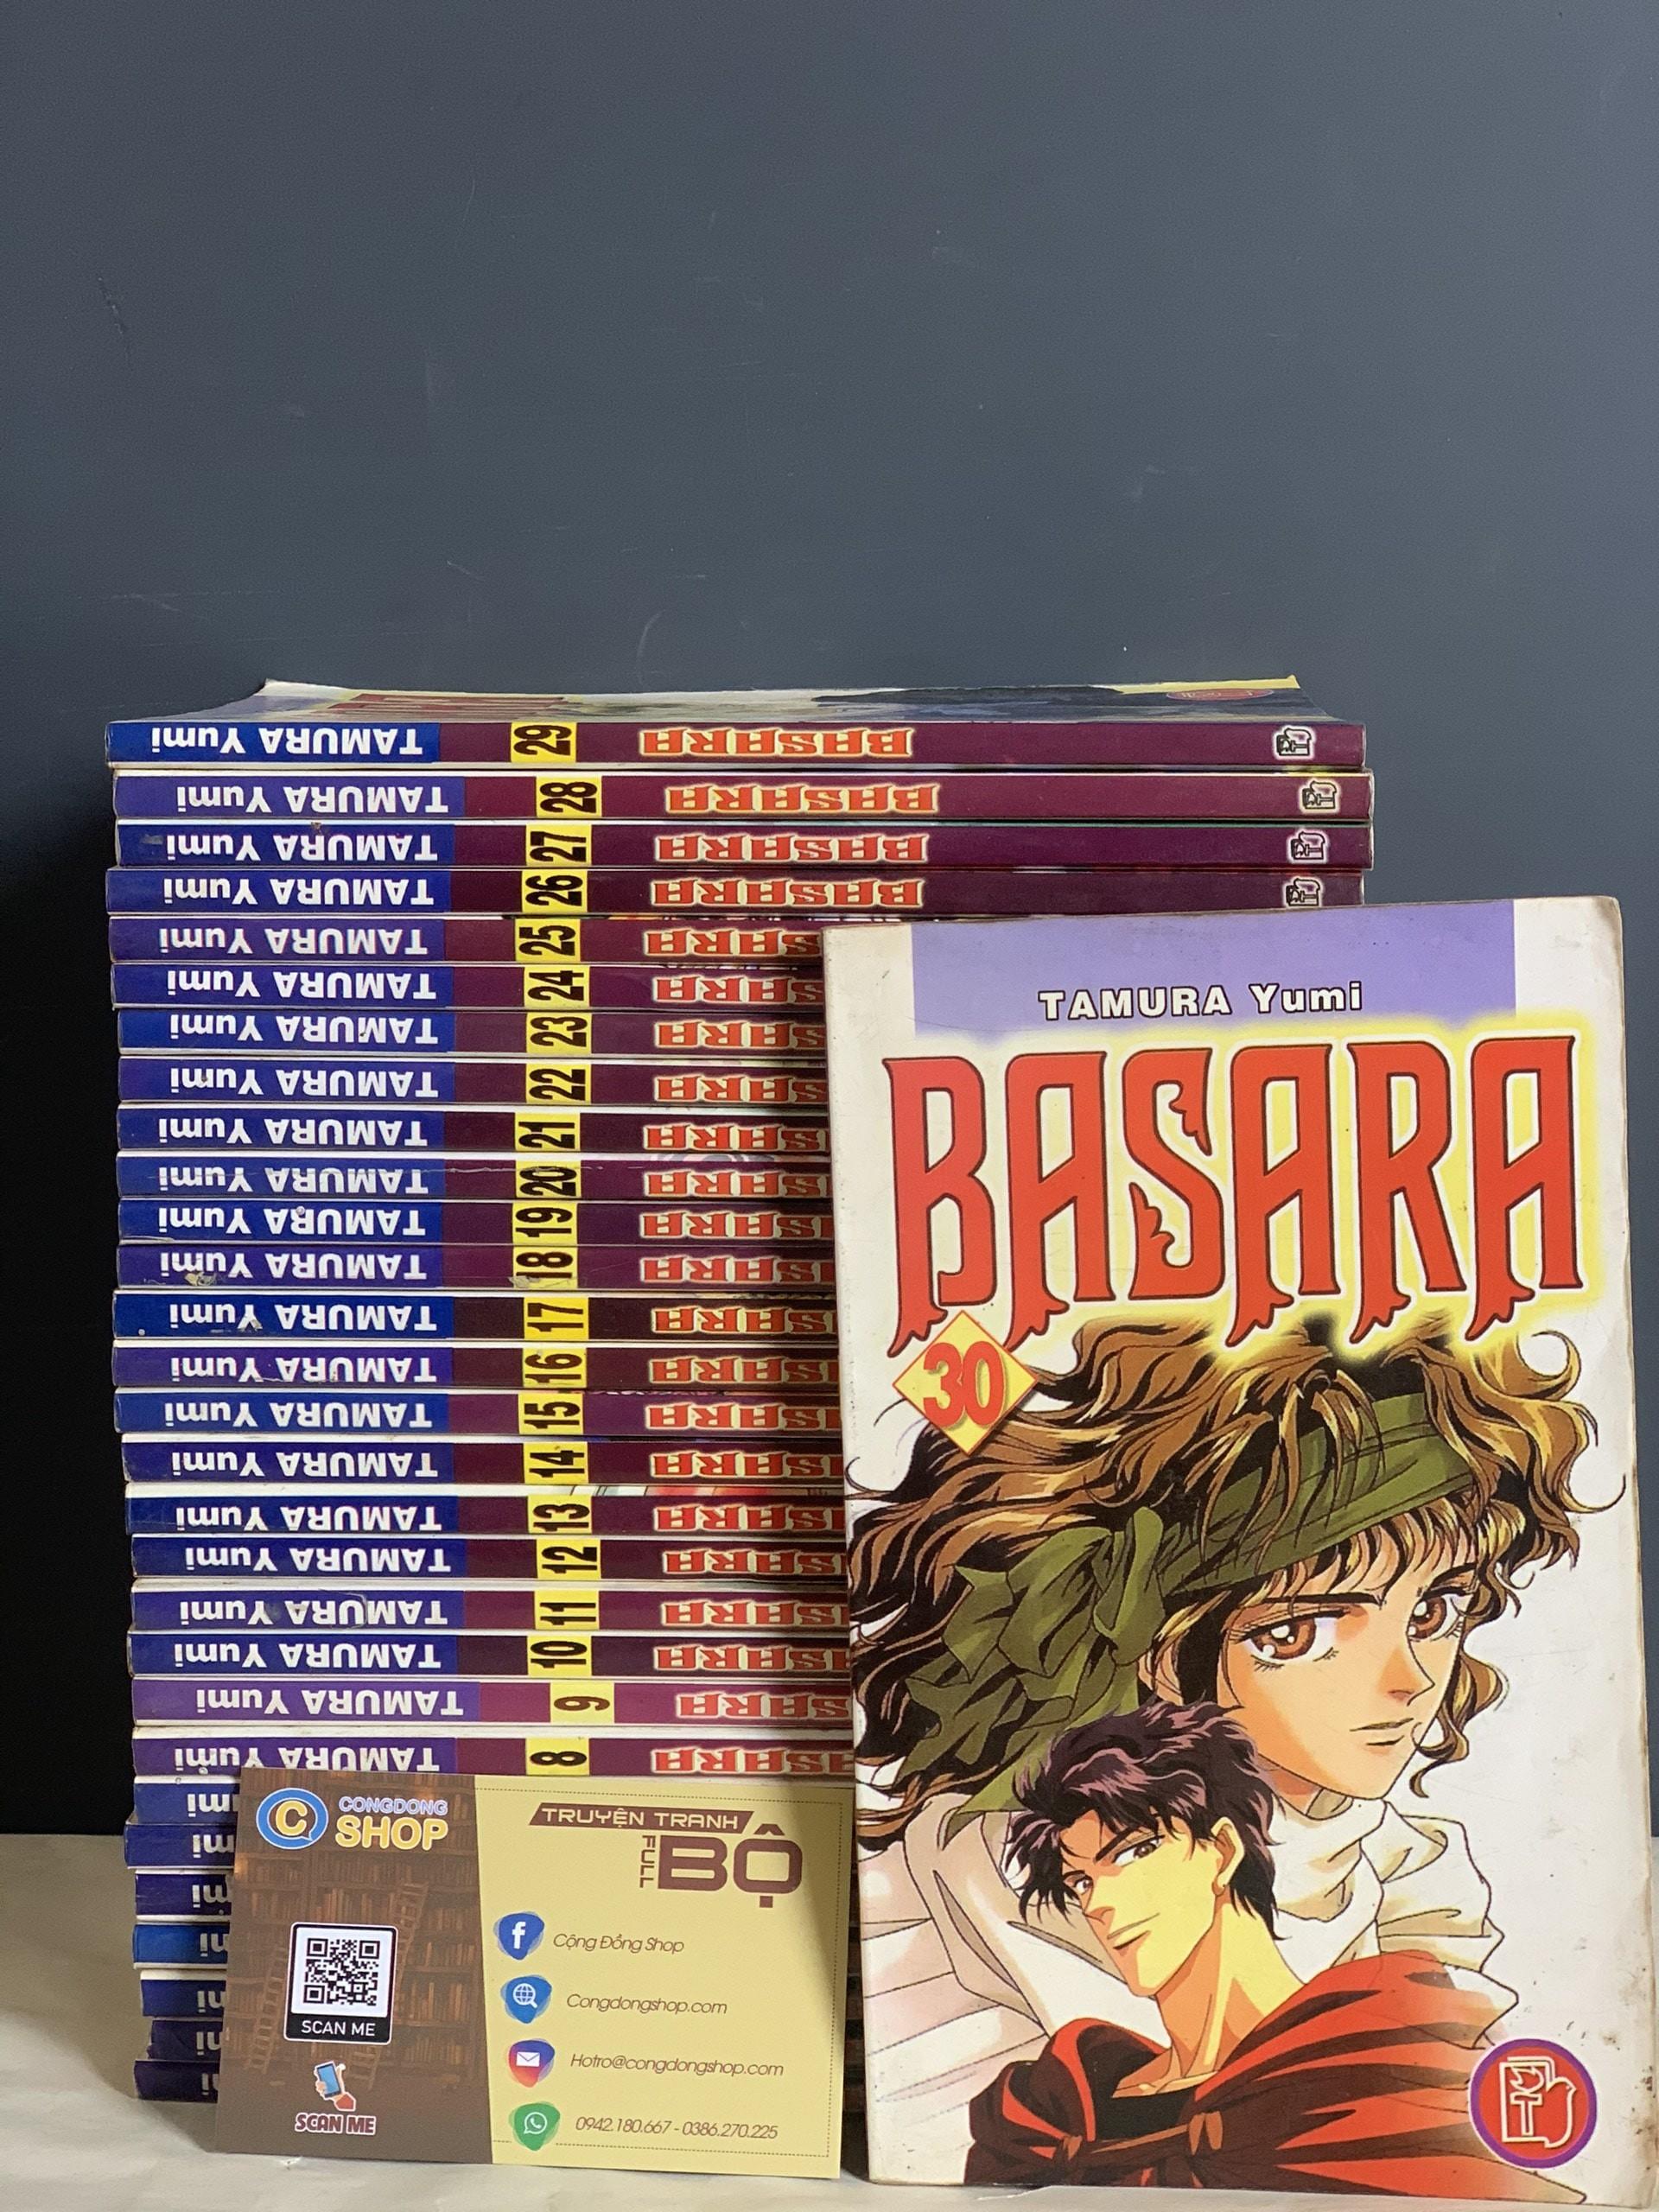 Truyện Basara Đời đầu Full bộ giá rẻ